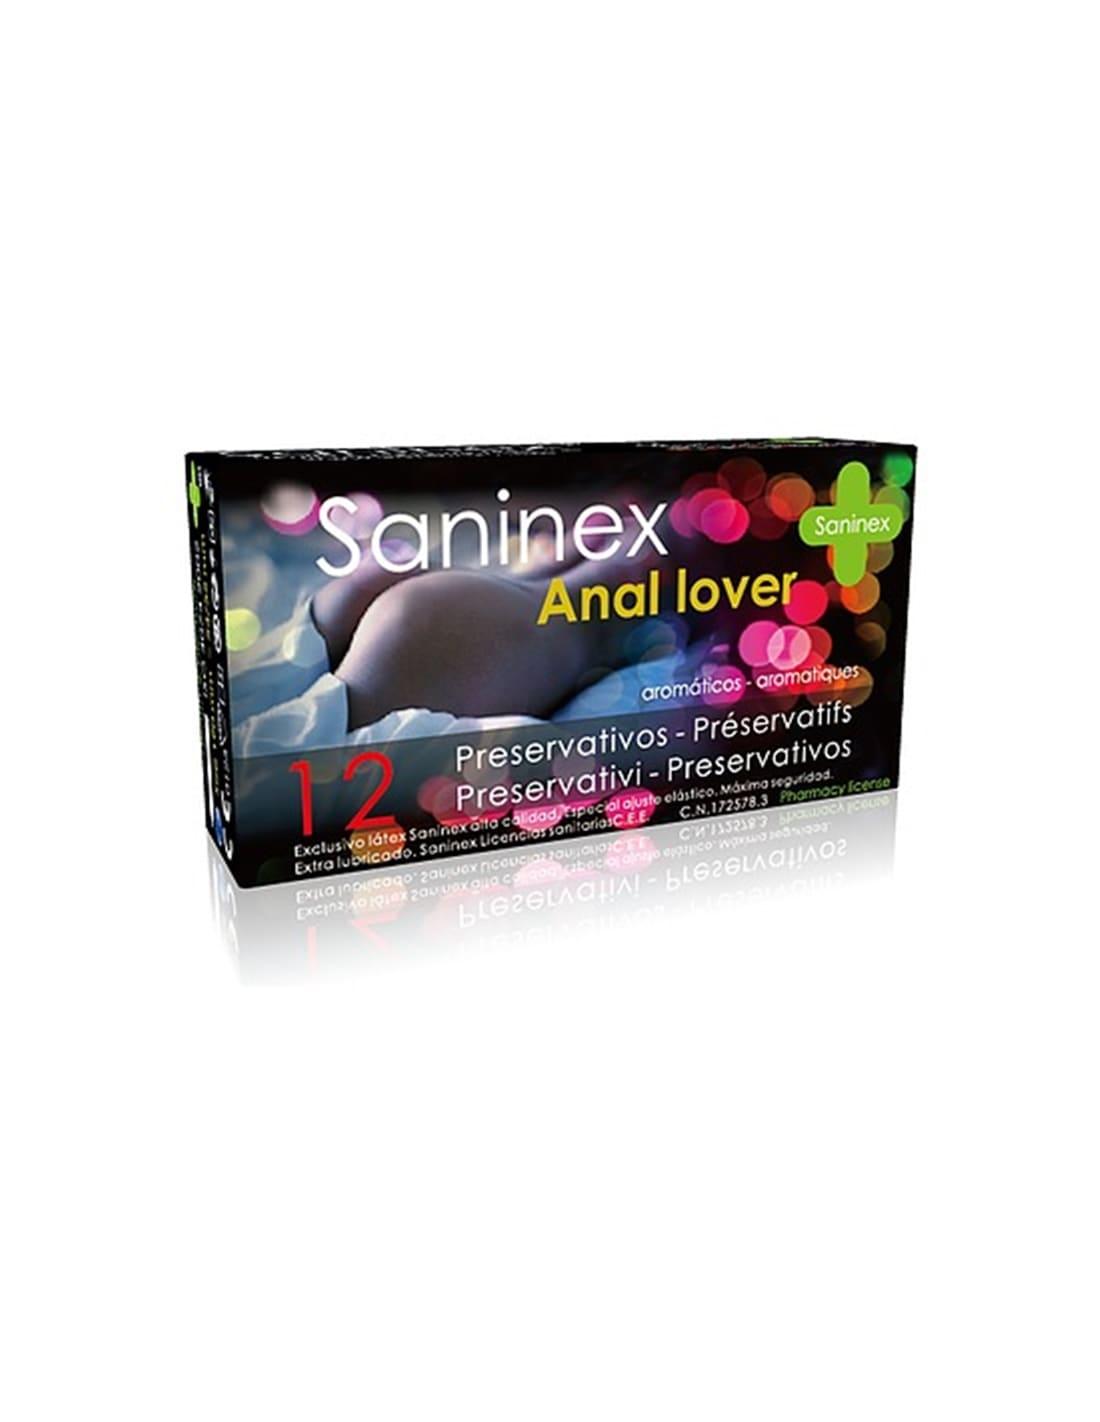 Saninex Preservativos Anal Lover 12Uds - PR2010345105